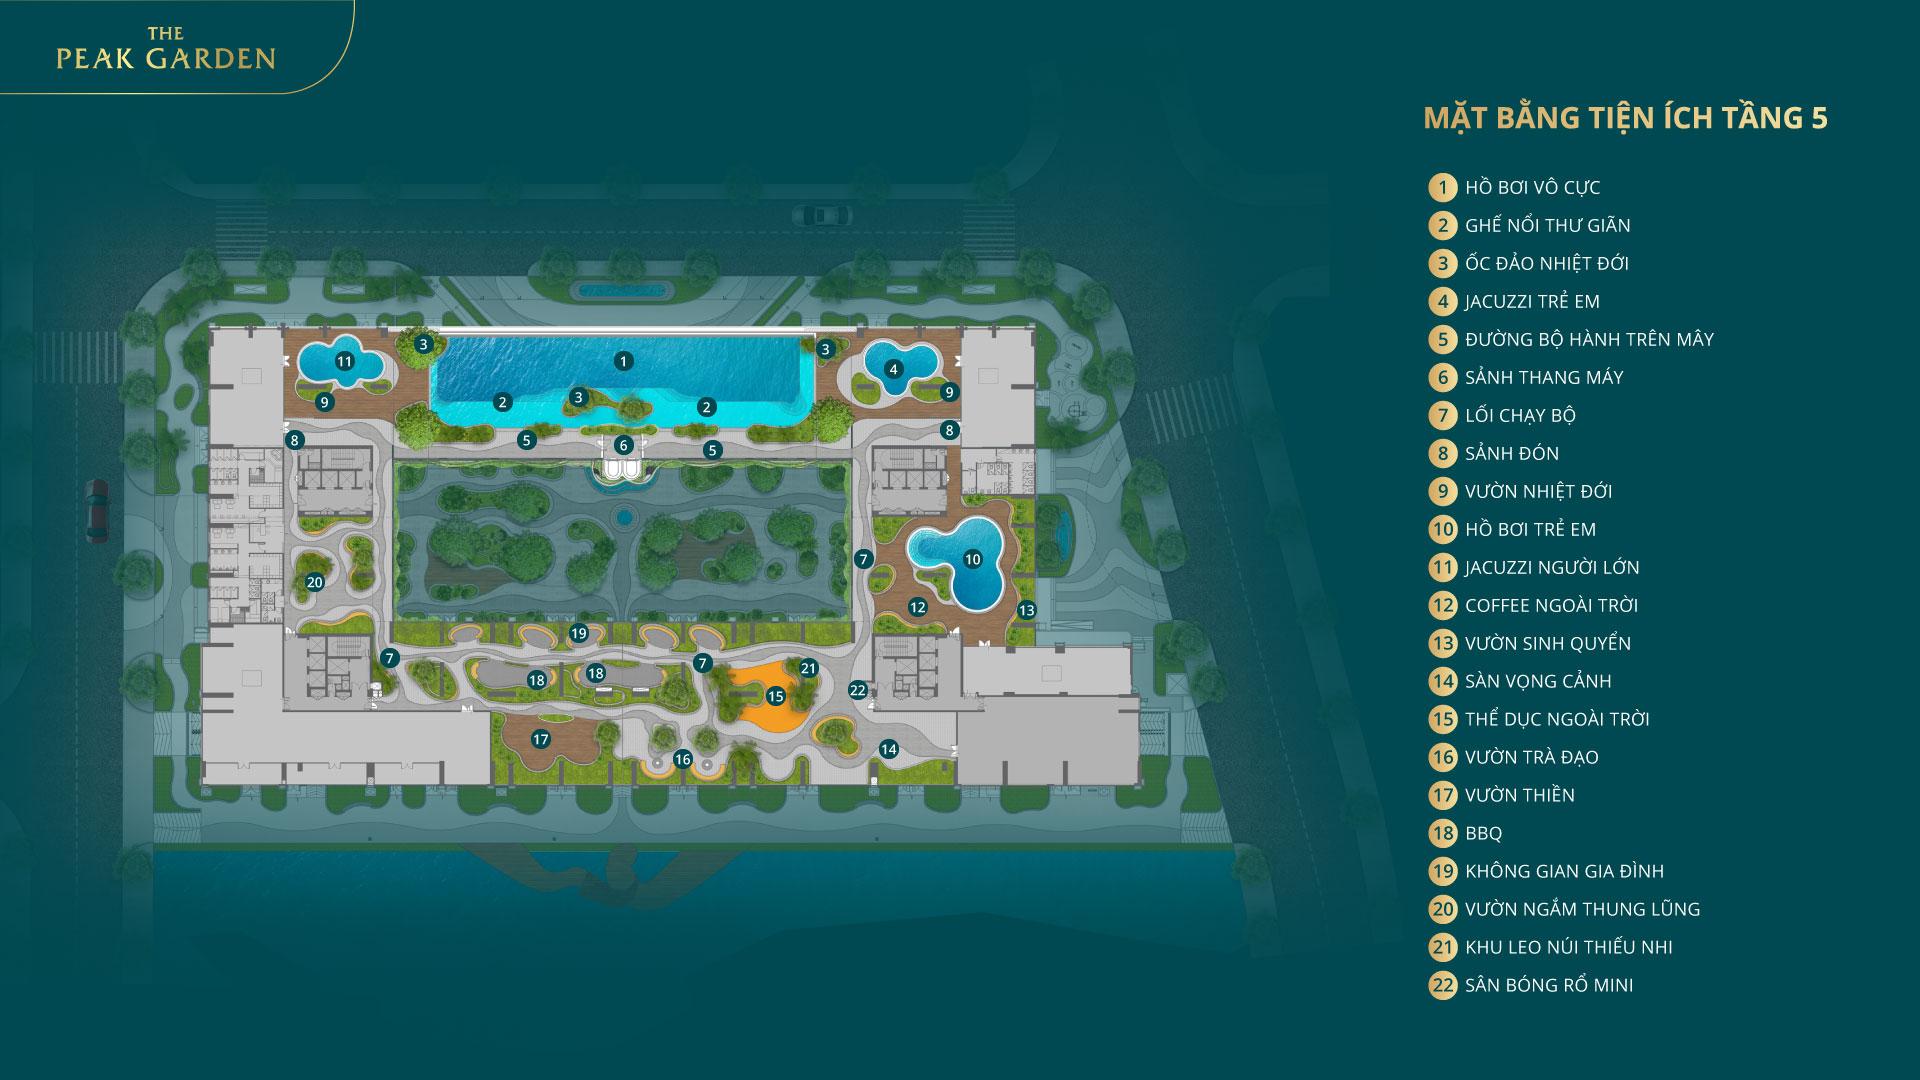 tiện ích tầng 5 dự án the peak garden quận 7